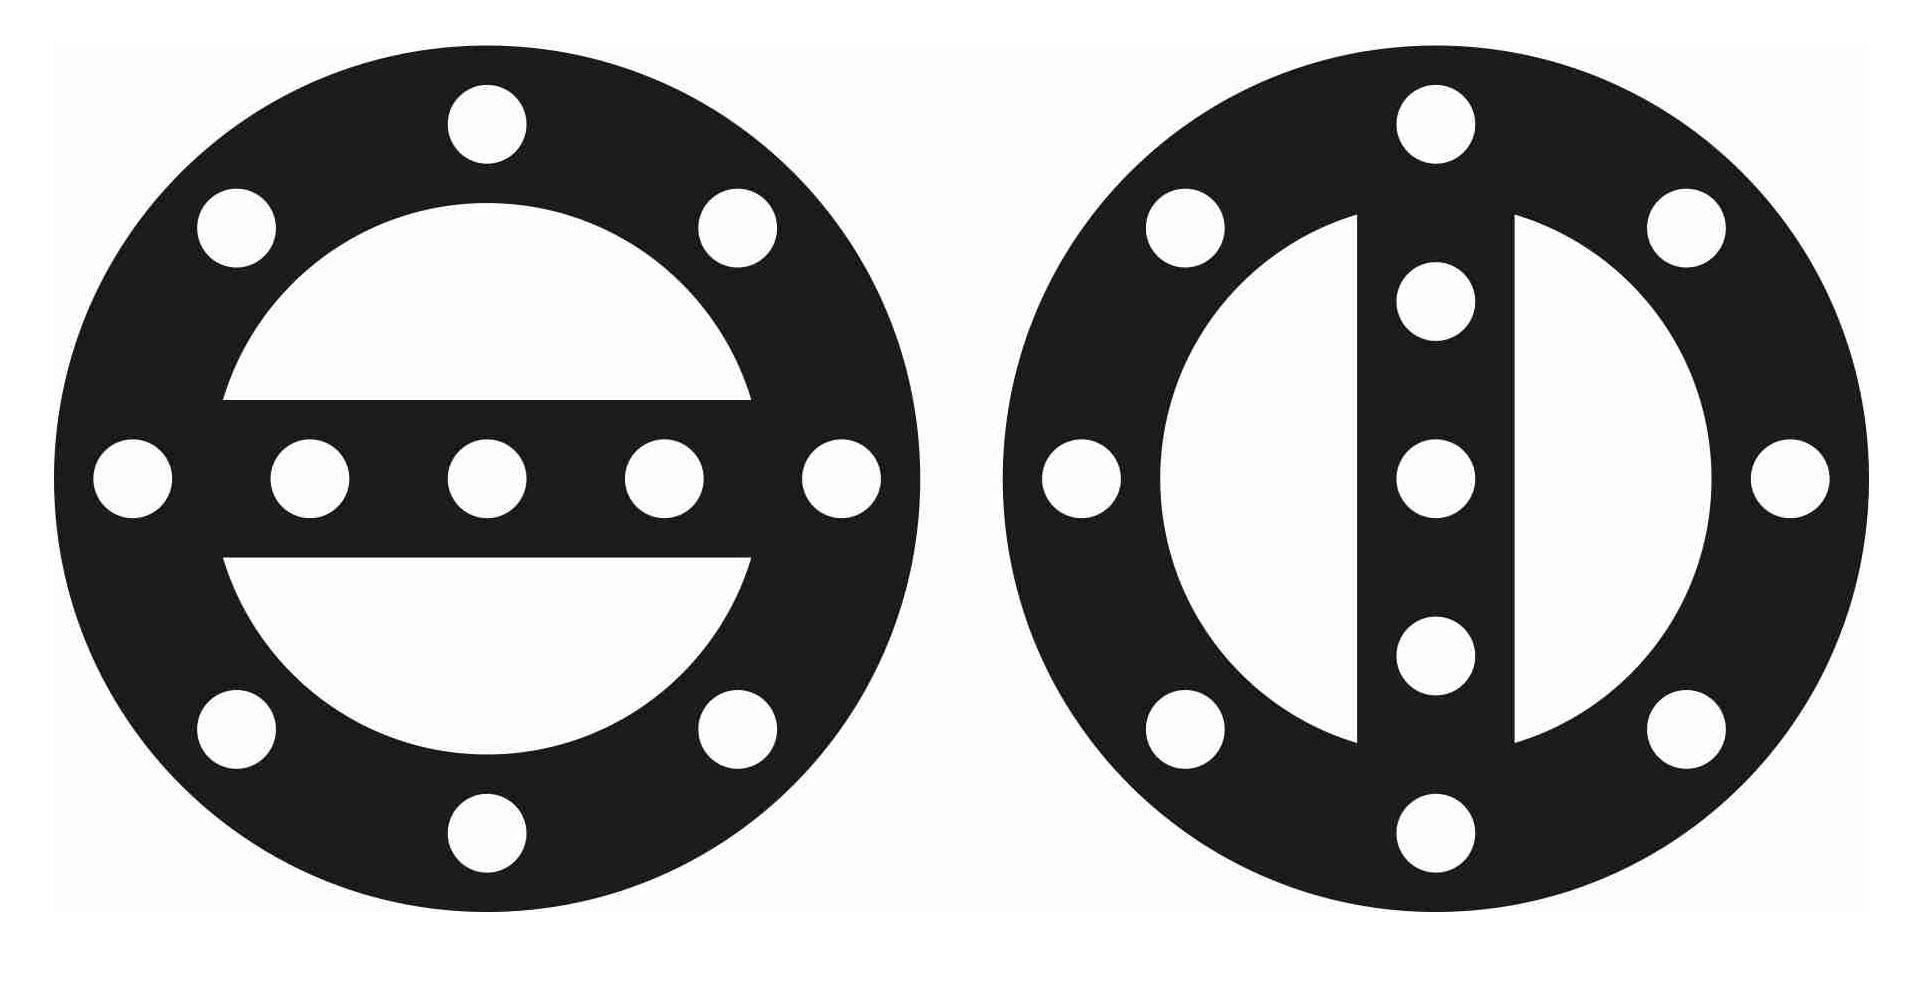 Железнодорожный знак постоянный сигнальный знак «Начало опасного места» и «Конец опасного места»